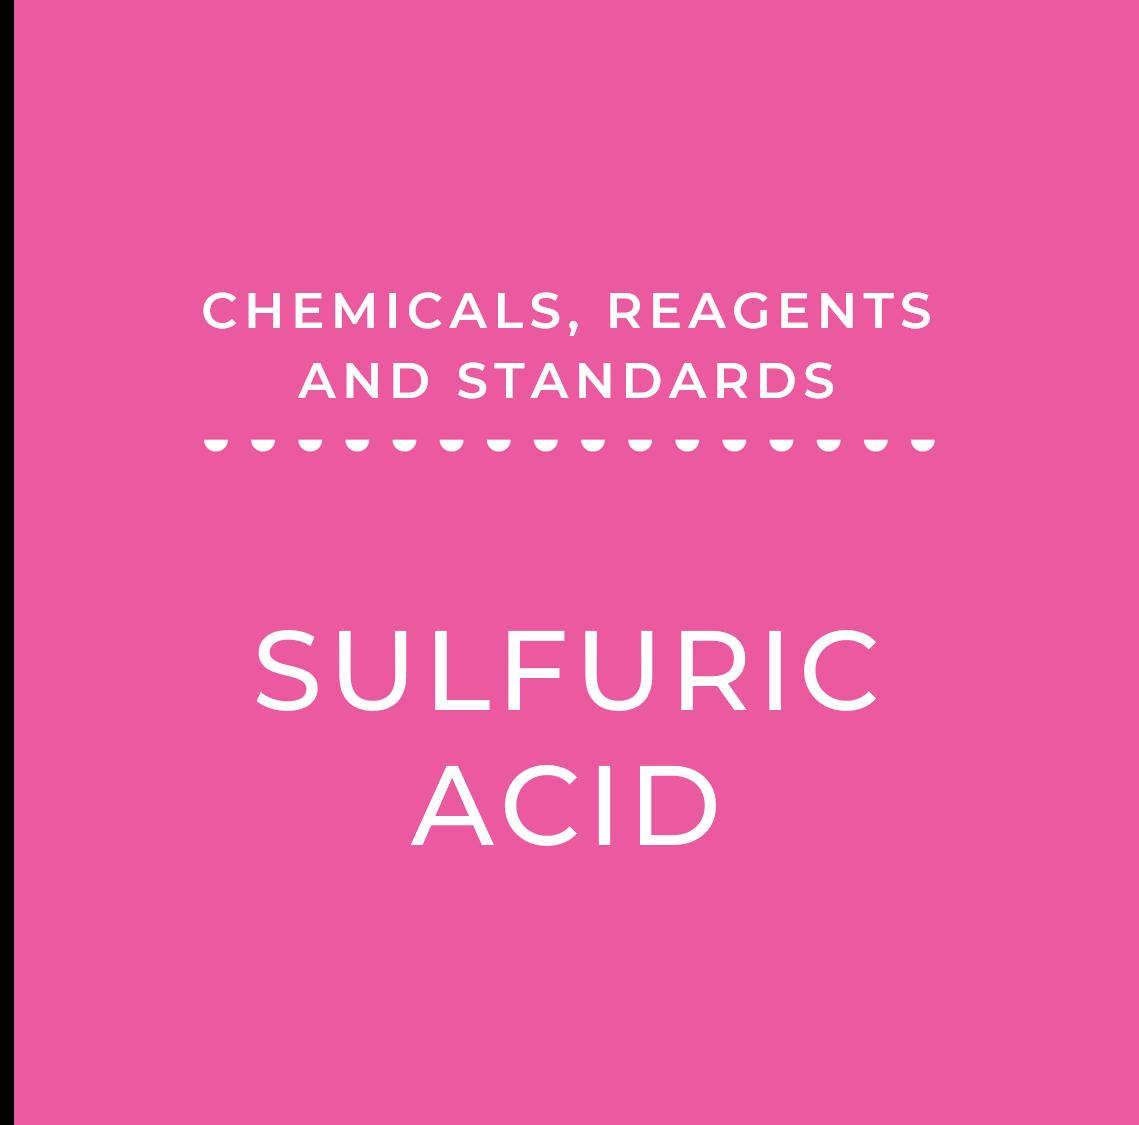 25% Sulfuric Acid